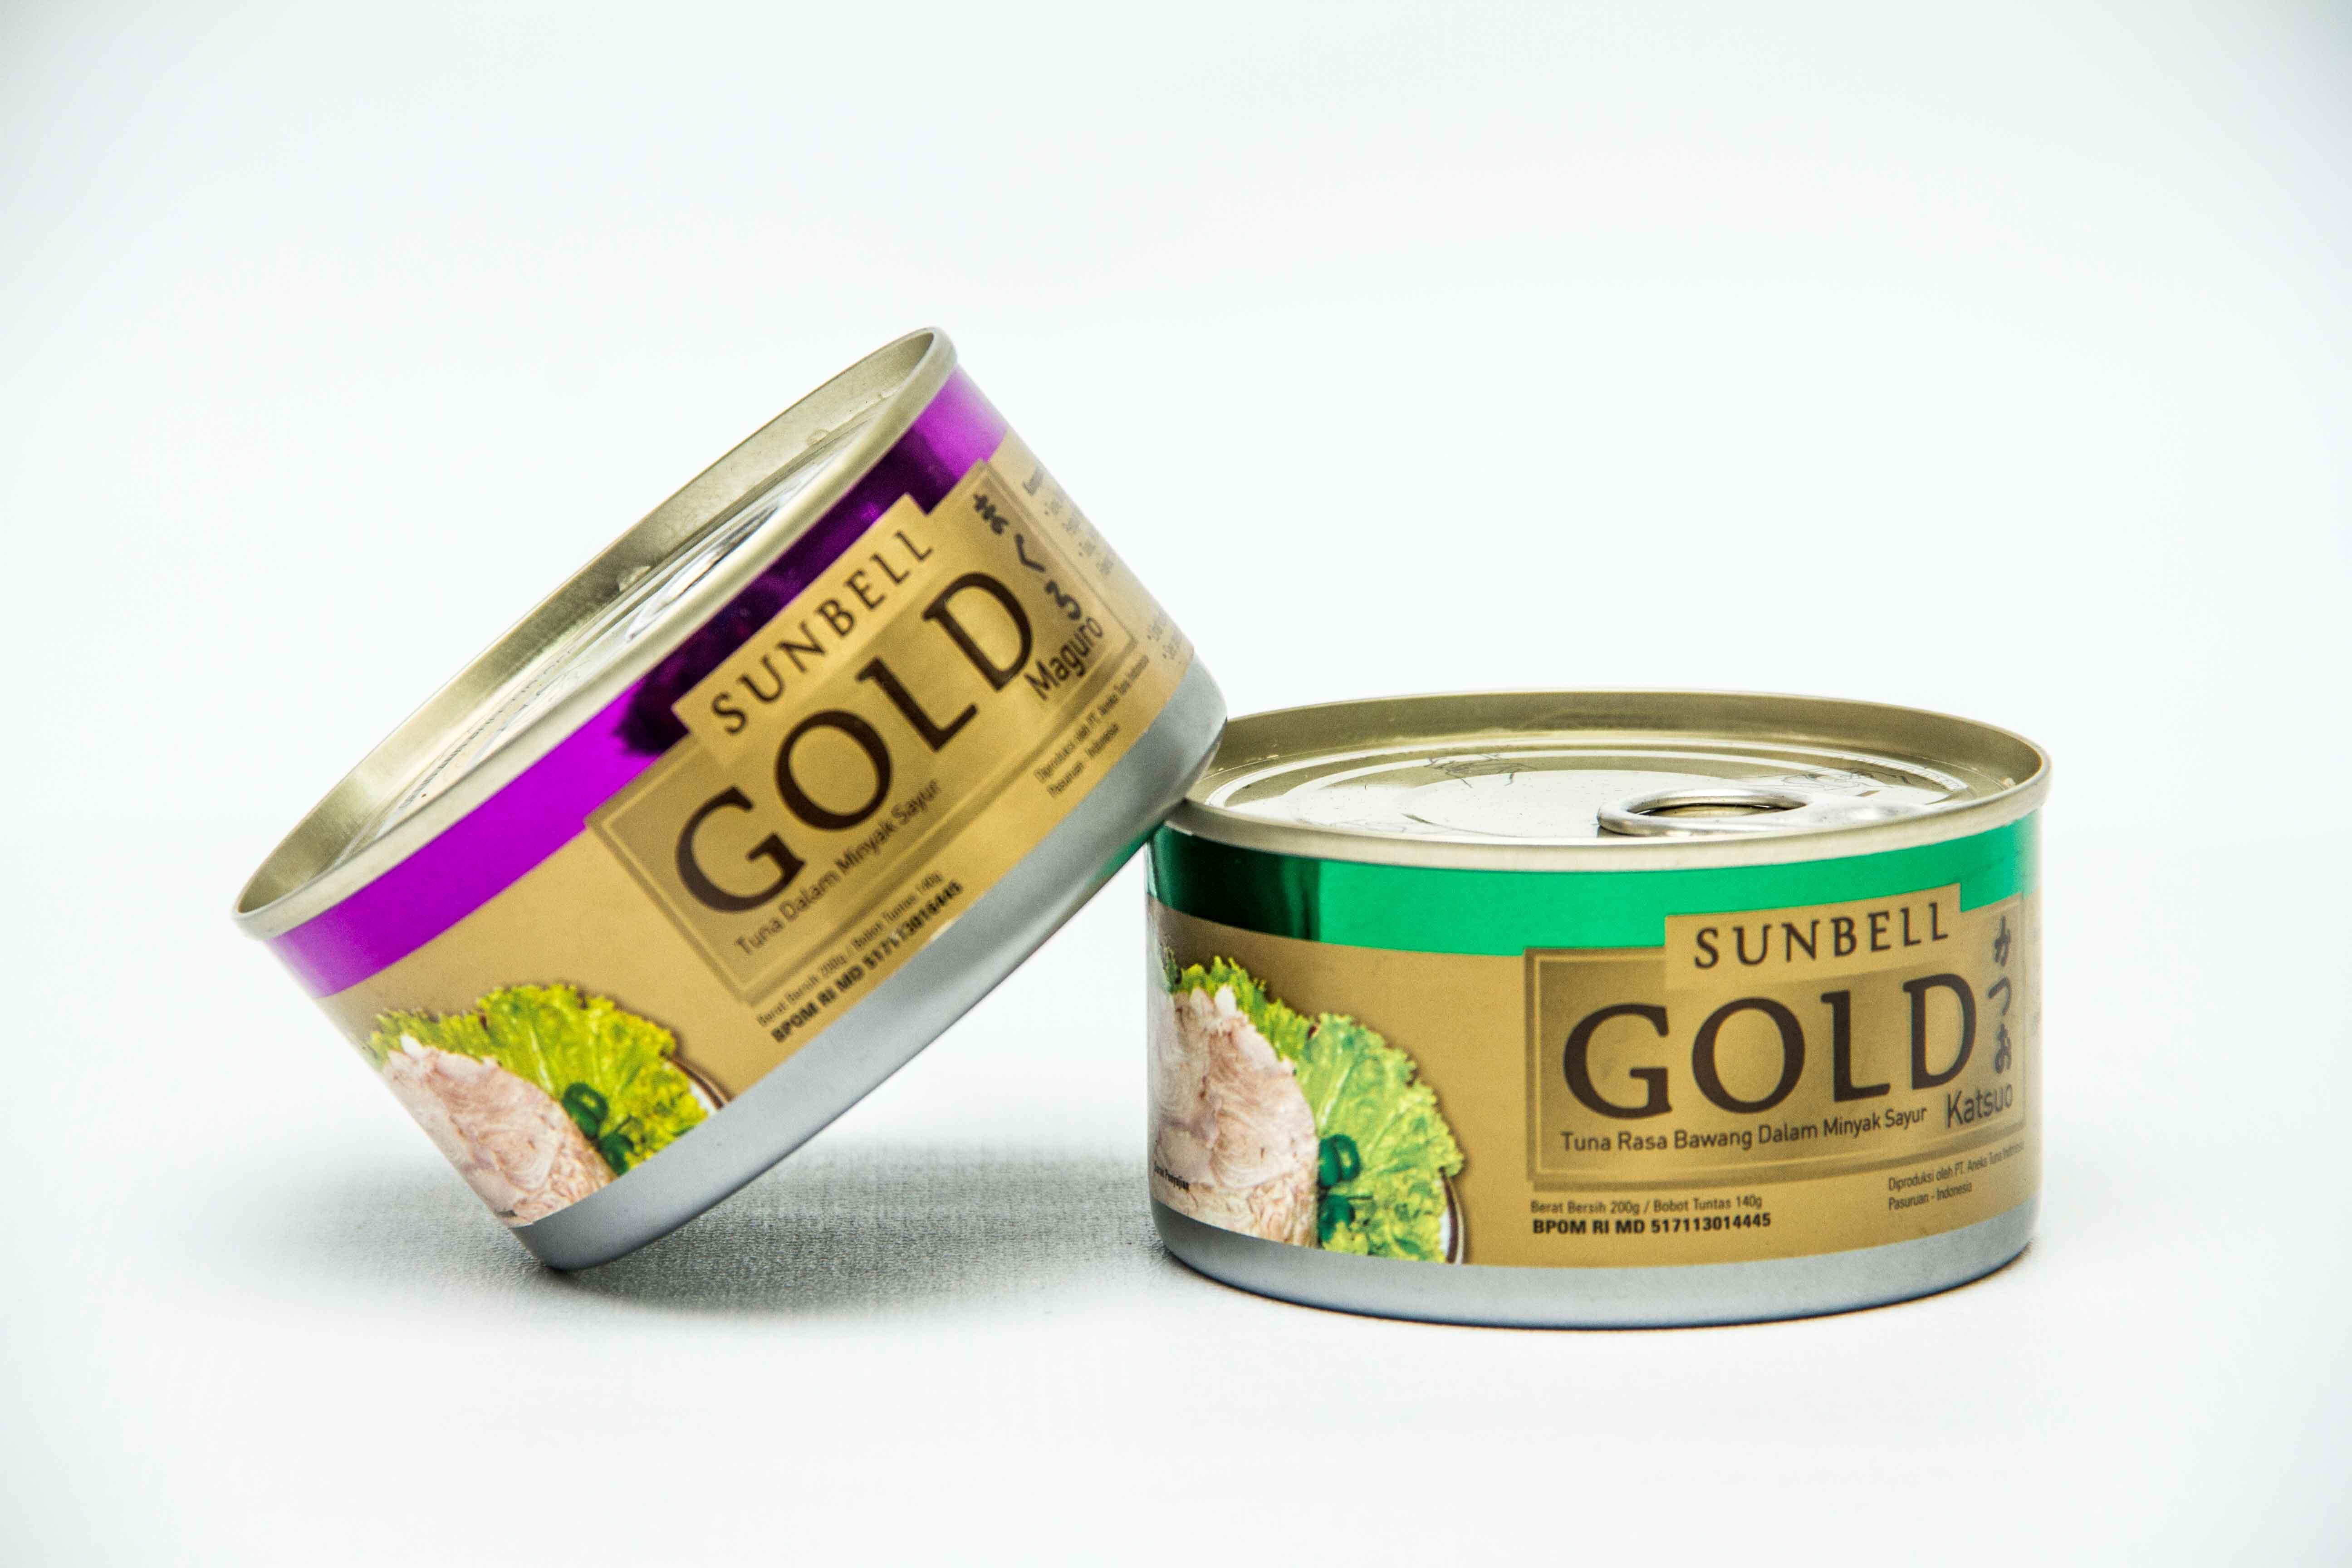 Sunbell Gold